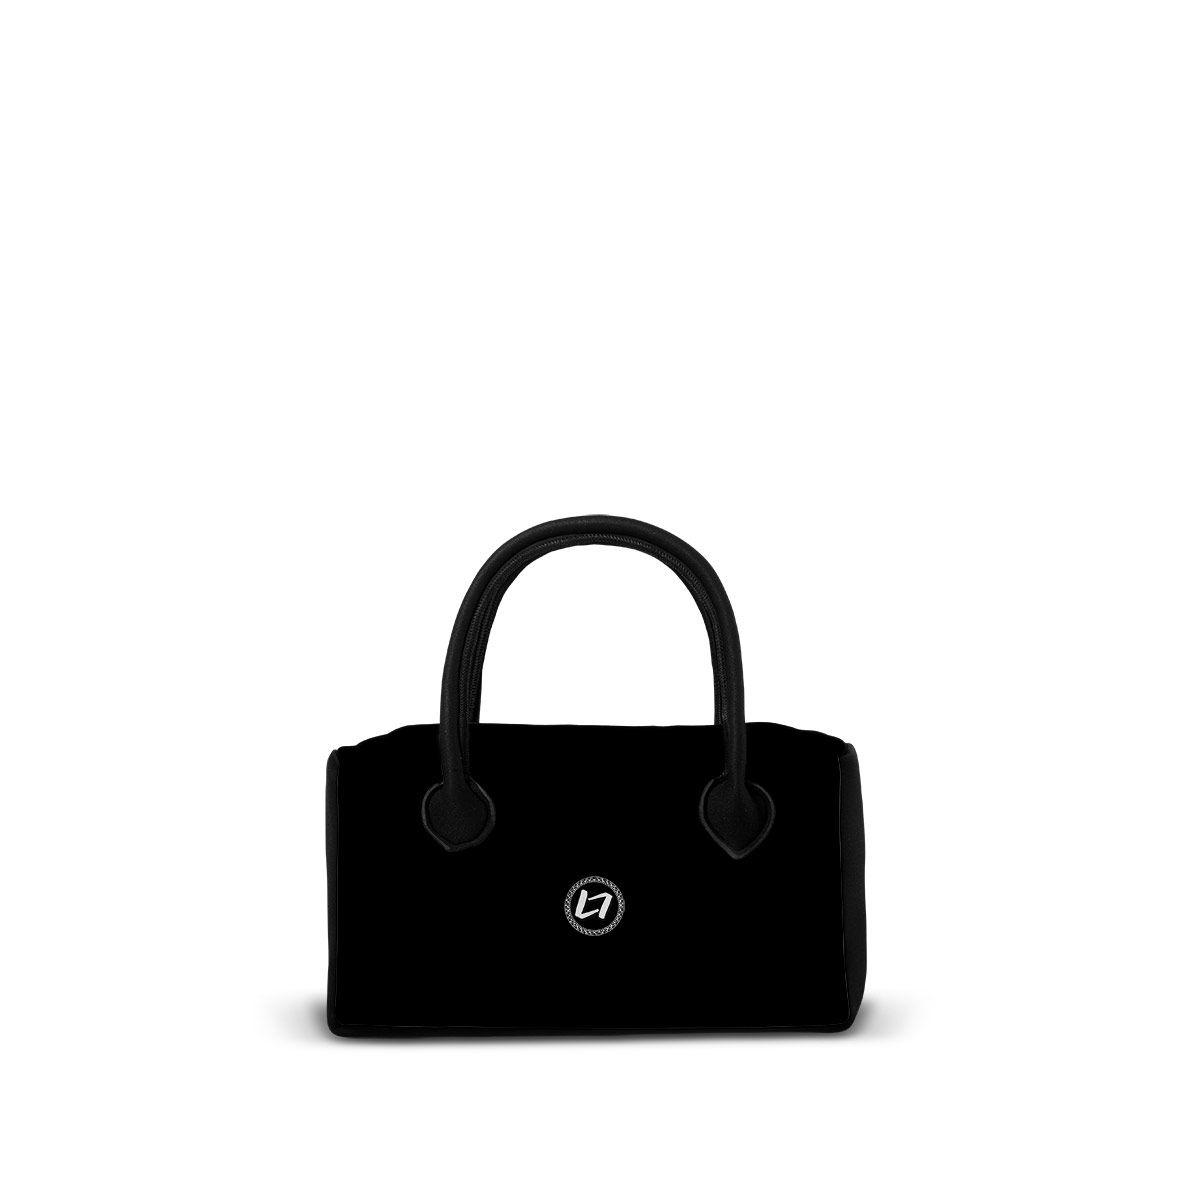 NEOS-OC-BLACK - Borsa sportiva da giorno in neoprene con zip. - una borsa realizzata da LOOMLOOM - made in Italy.